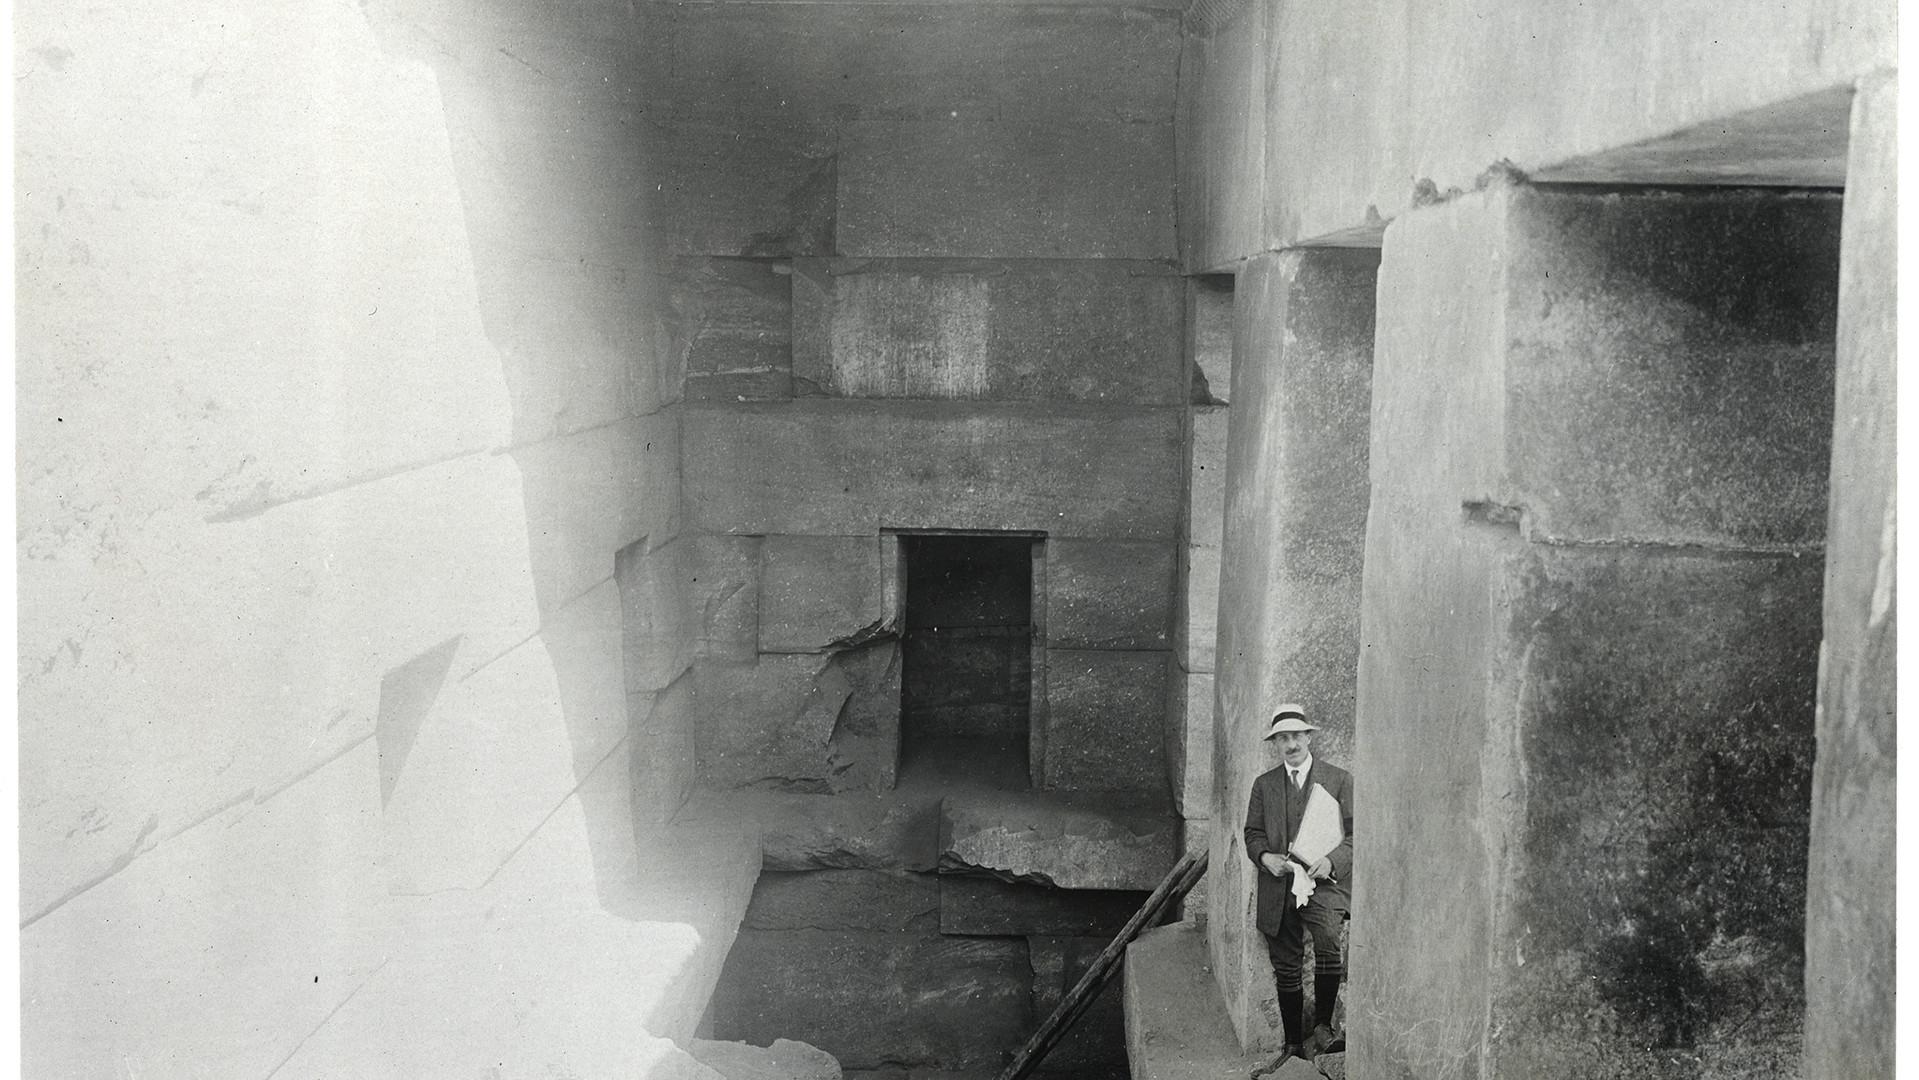 Marguerite Naville (?) : Abydos, fouilles de 1914, l'architecte Edmond Fatio levant le plan de l'Osireion (tirage photographique) © Musée d'art et d'histoire de la Ville de Genève, inv. A 2006-0030-067-0320